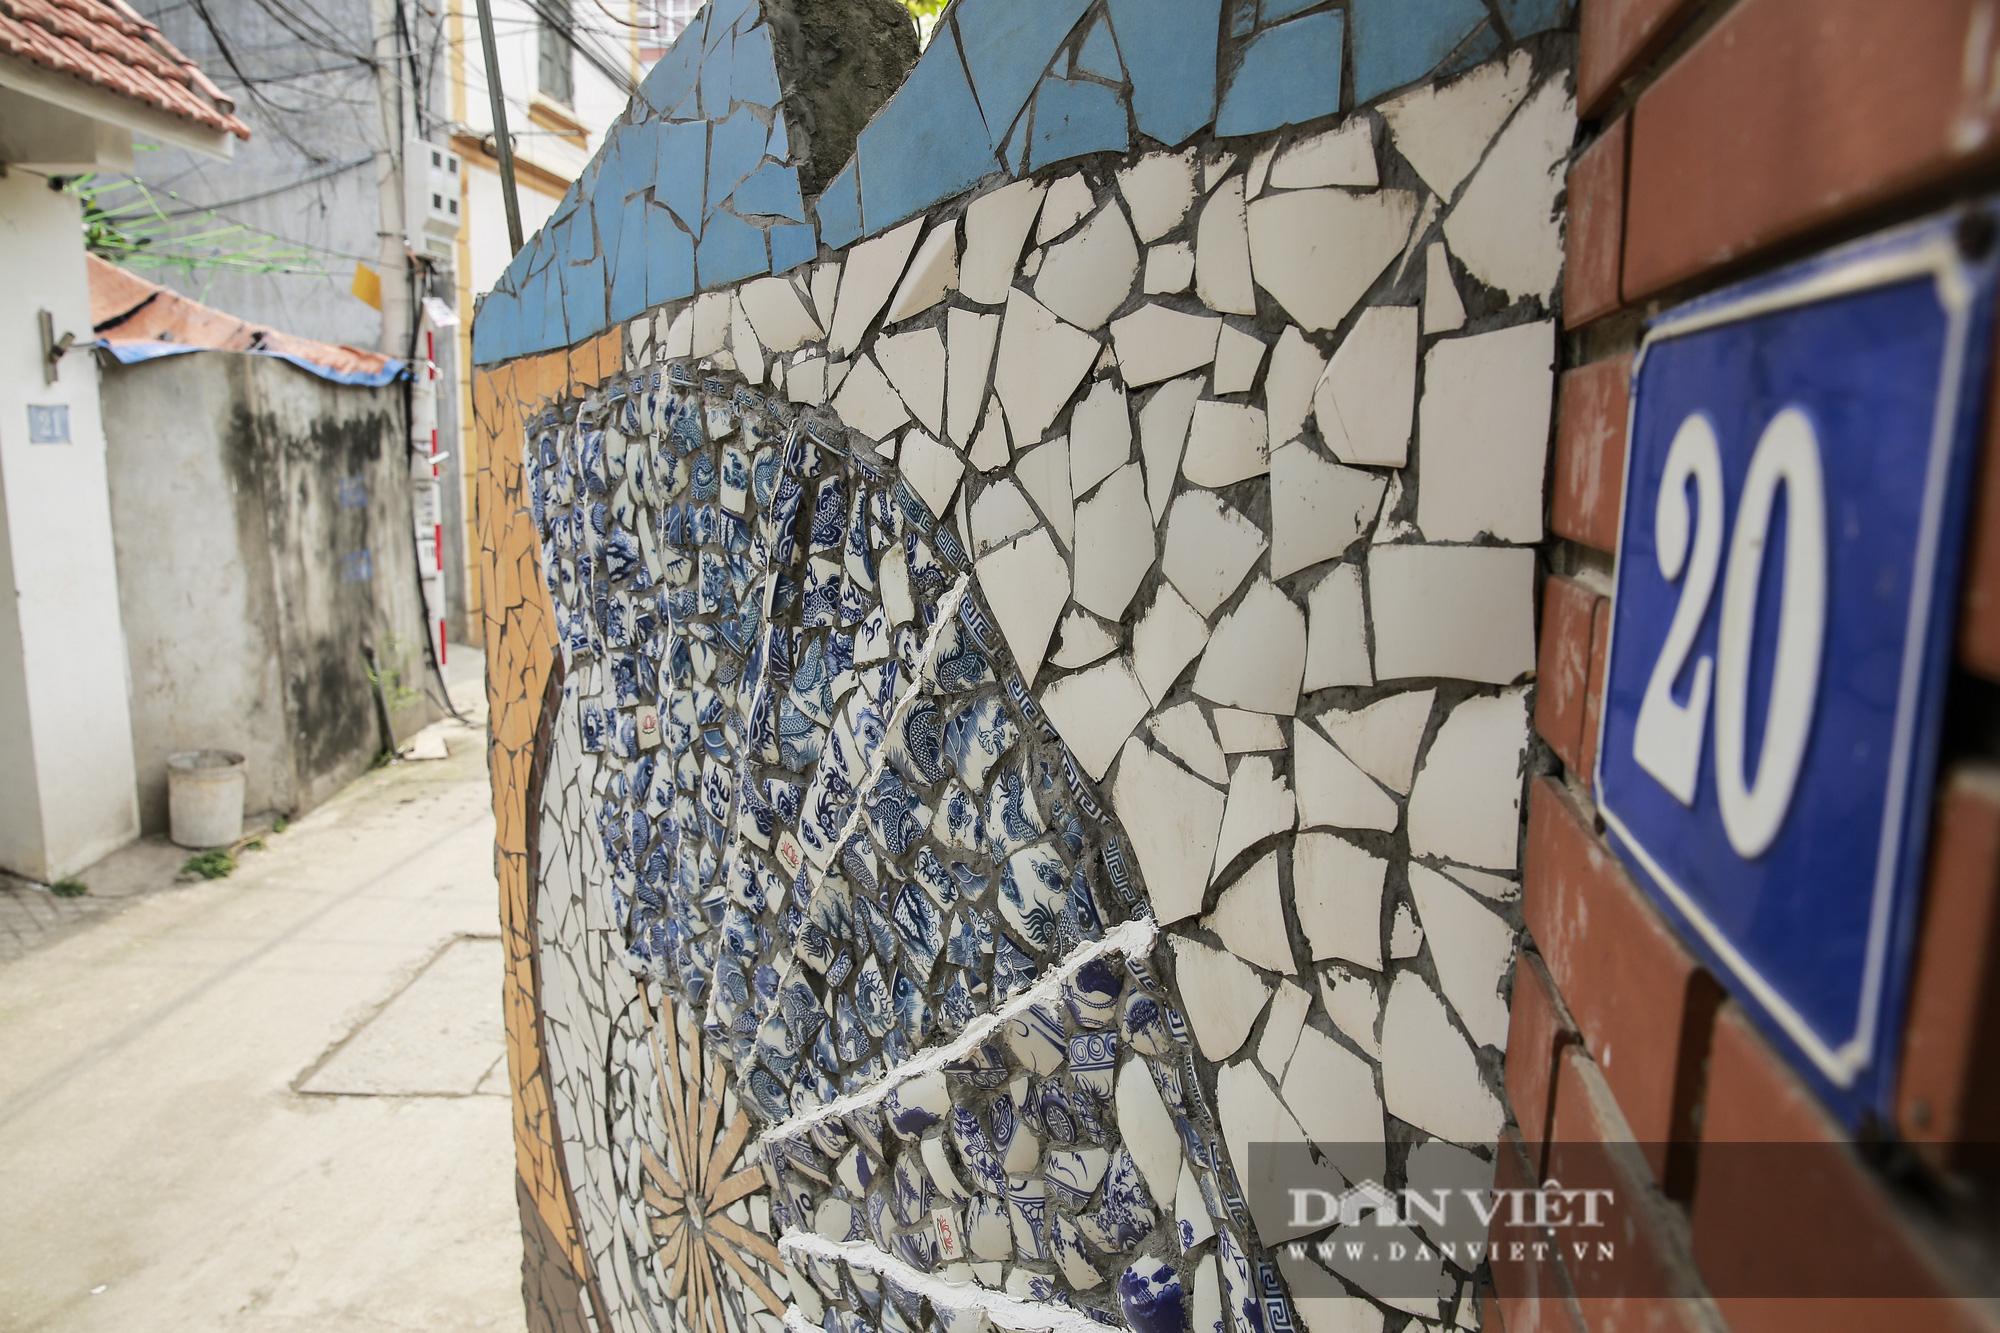 """Đường làng """"thay áo mới"""" bằng những tác phẩm nghệ thuật làm từ đồ phế thải  - Ảnh 8."""